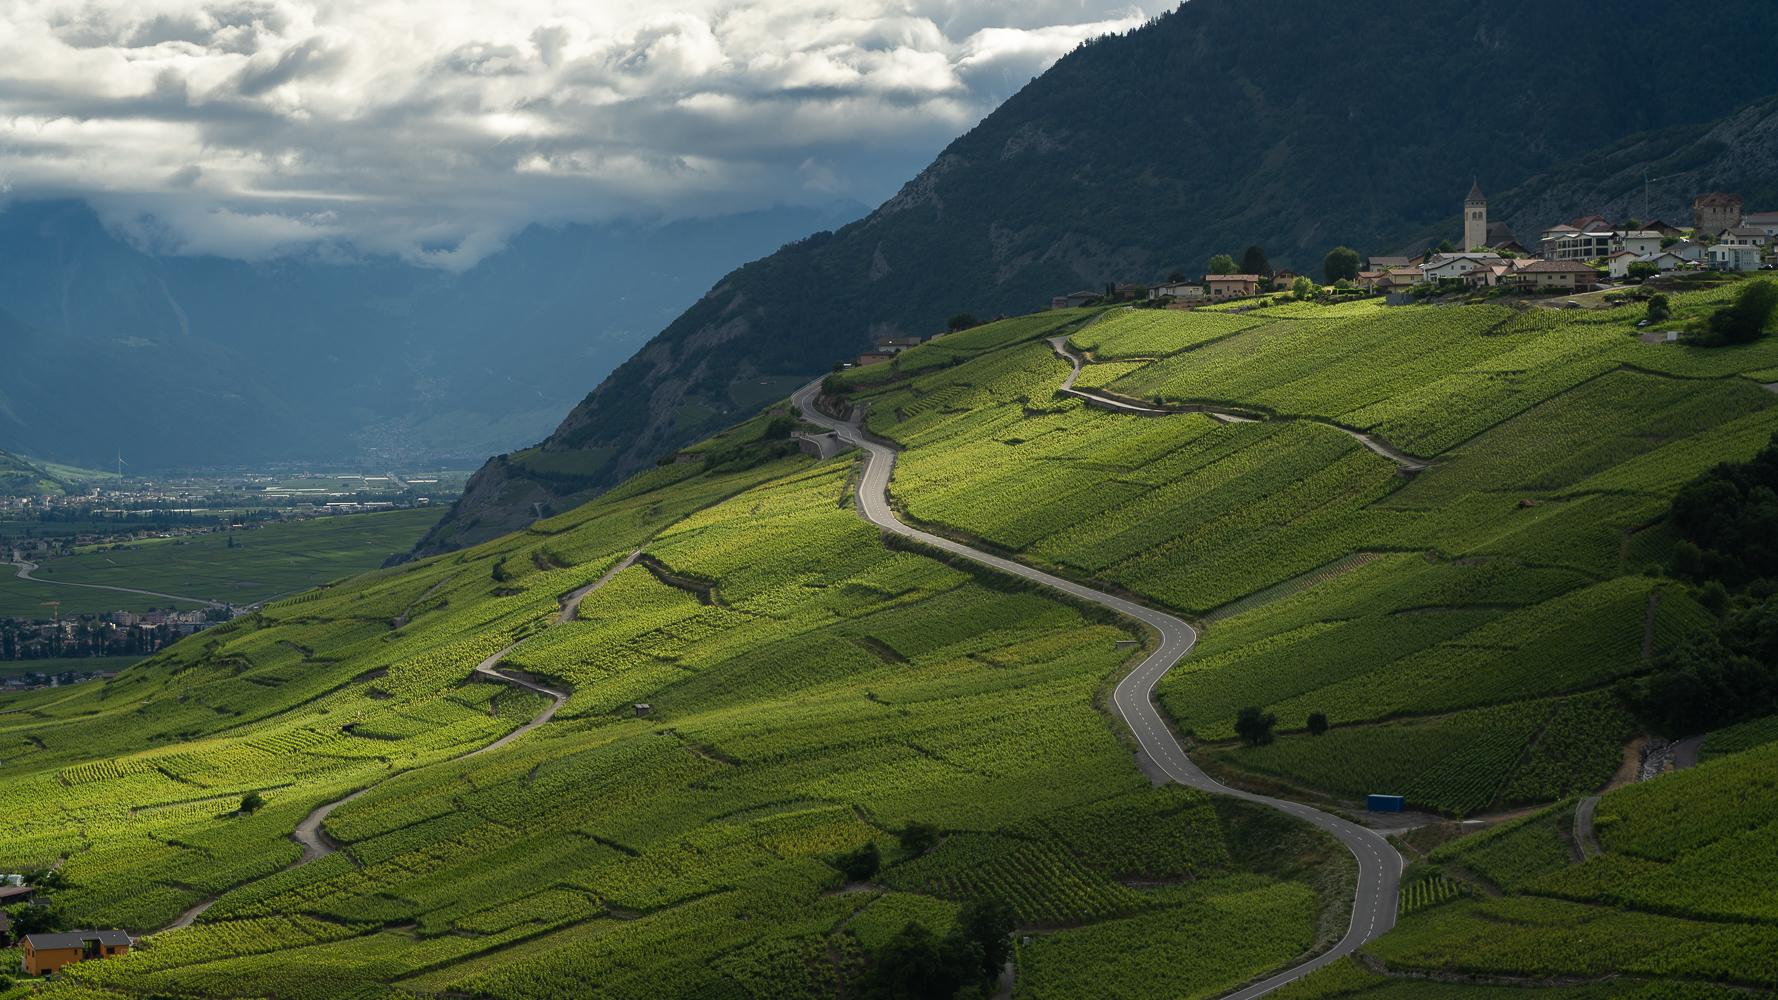 Erde from Chandolin, Switzerland